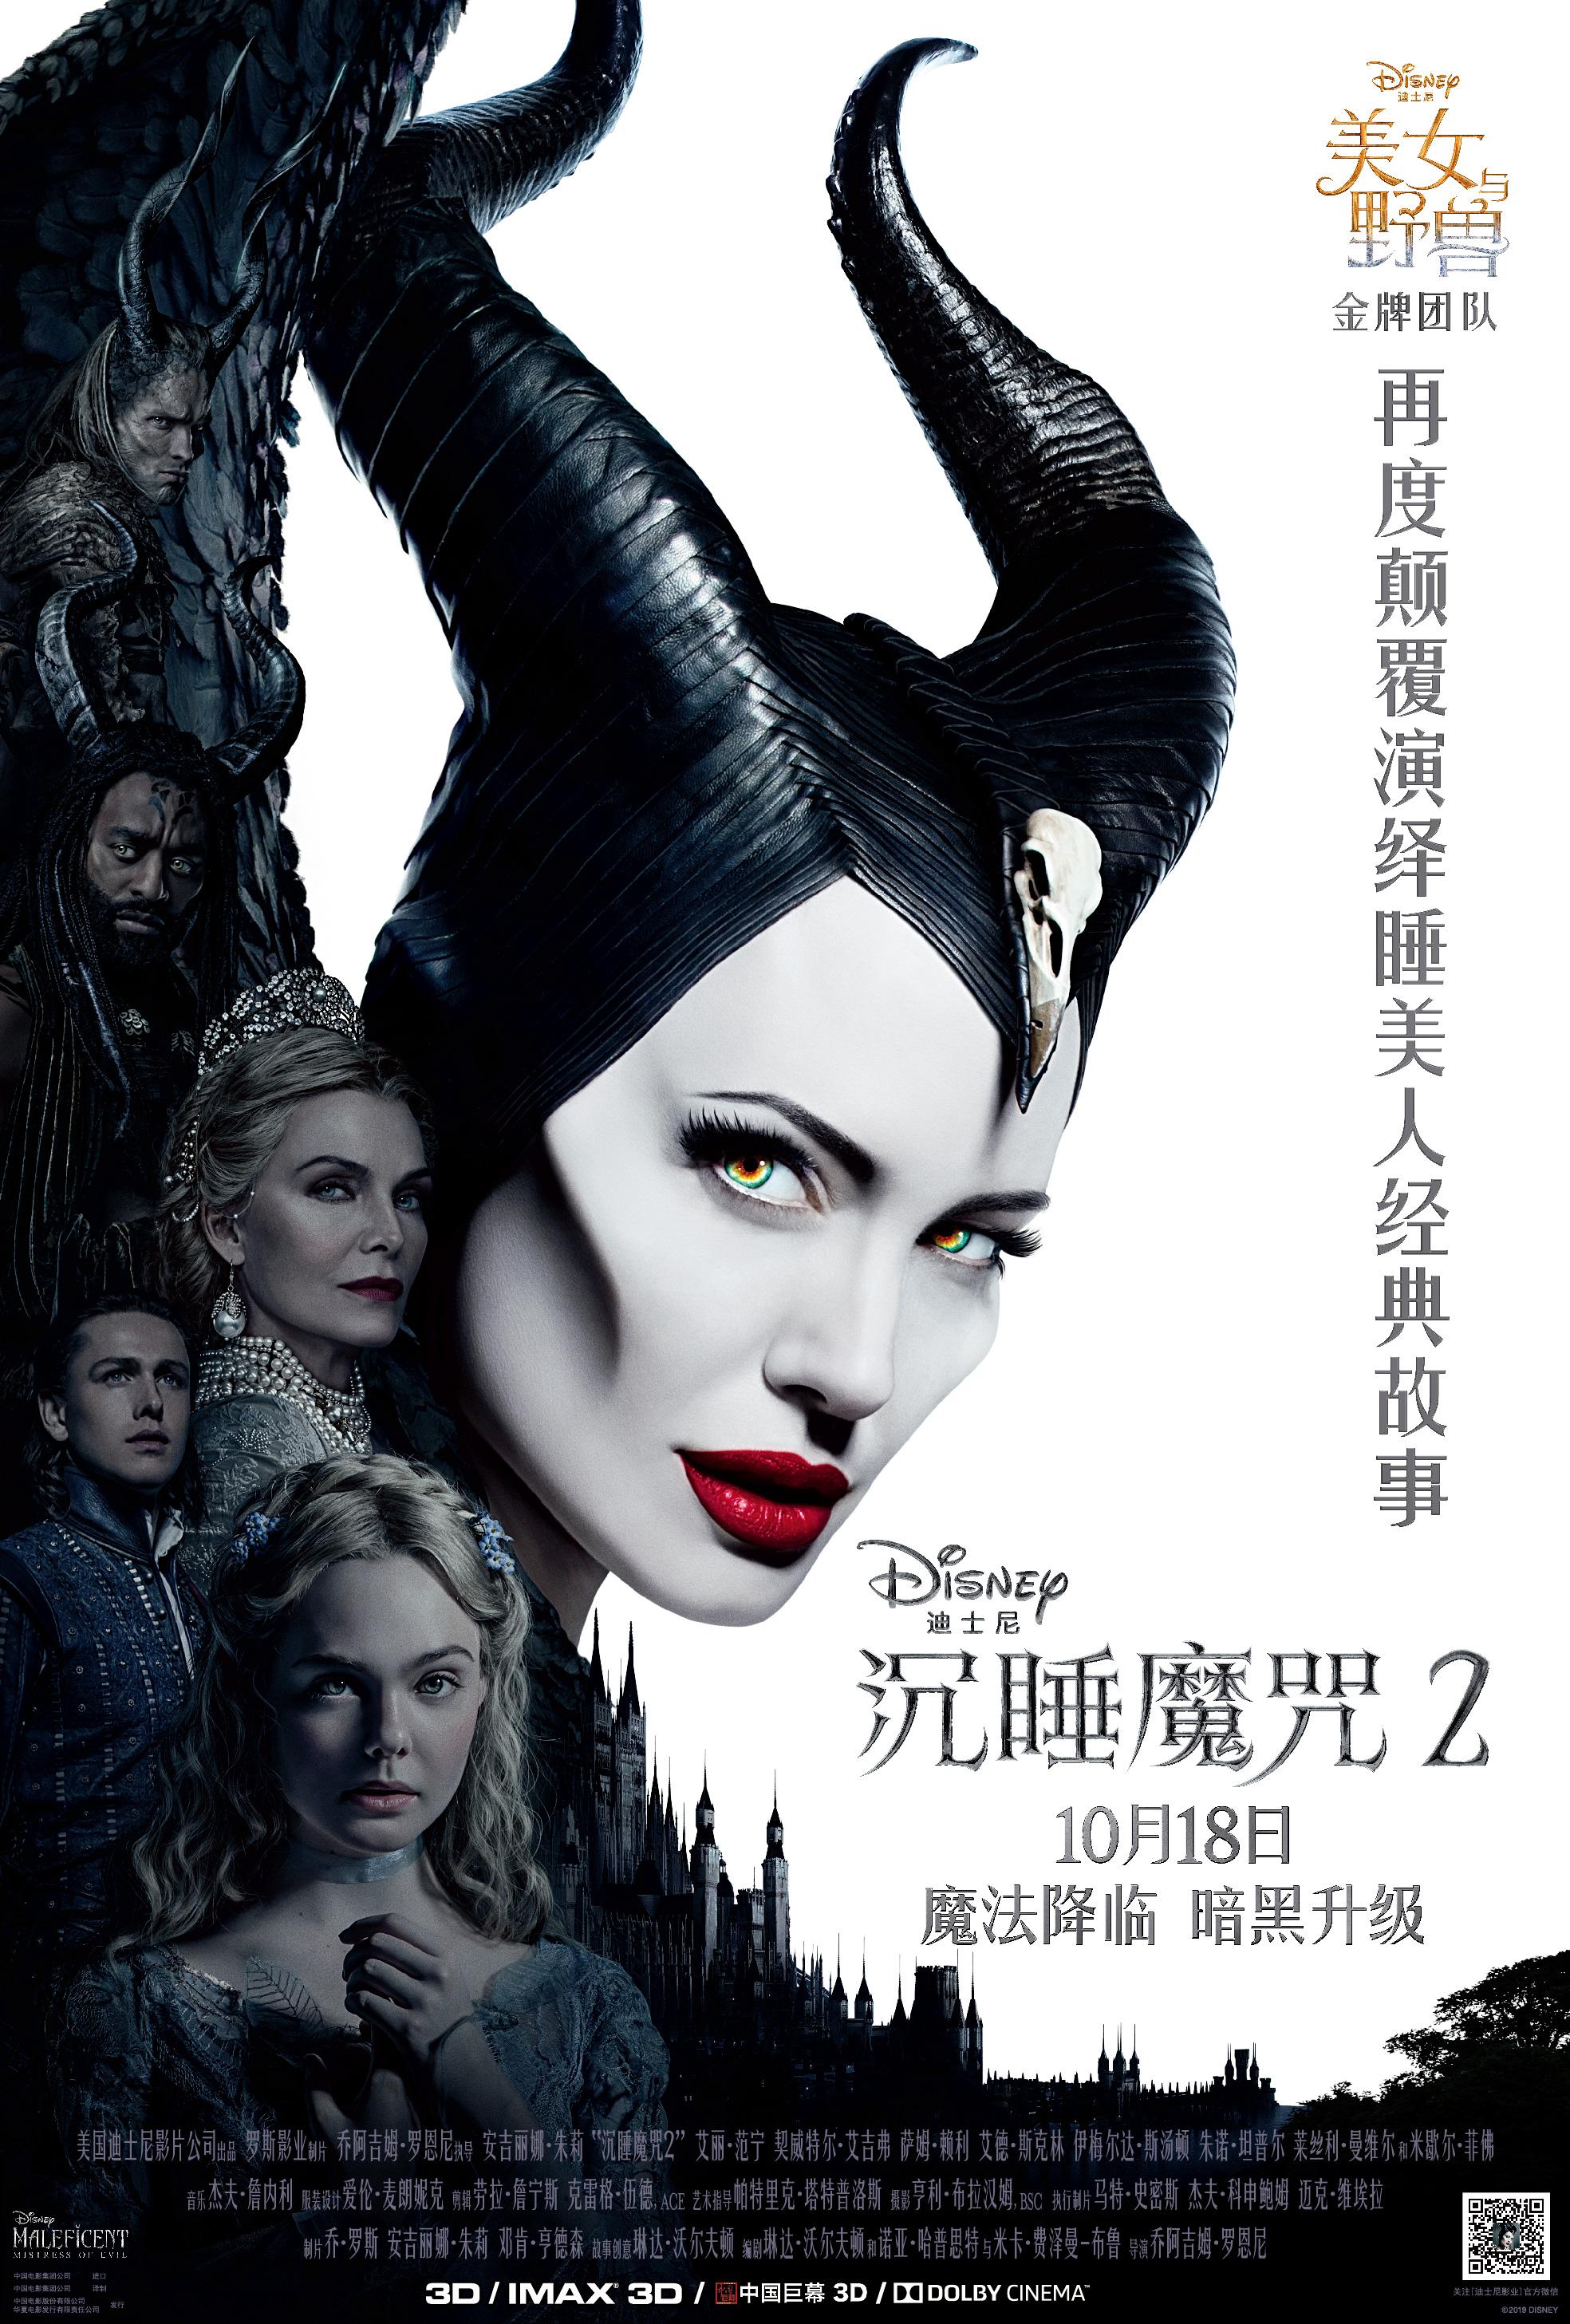 安吉丽娜·朱莉携《沉睡魔咒2》归来 定档10月18日